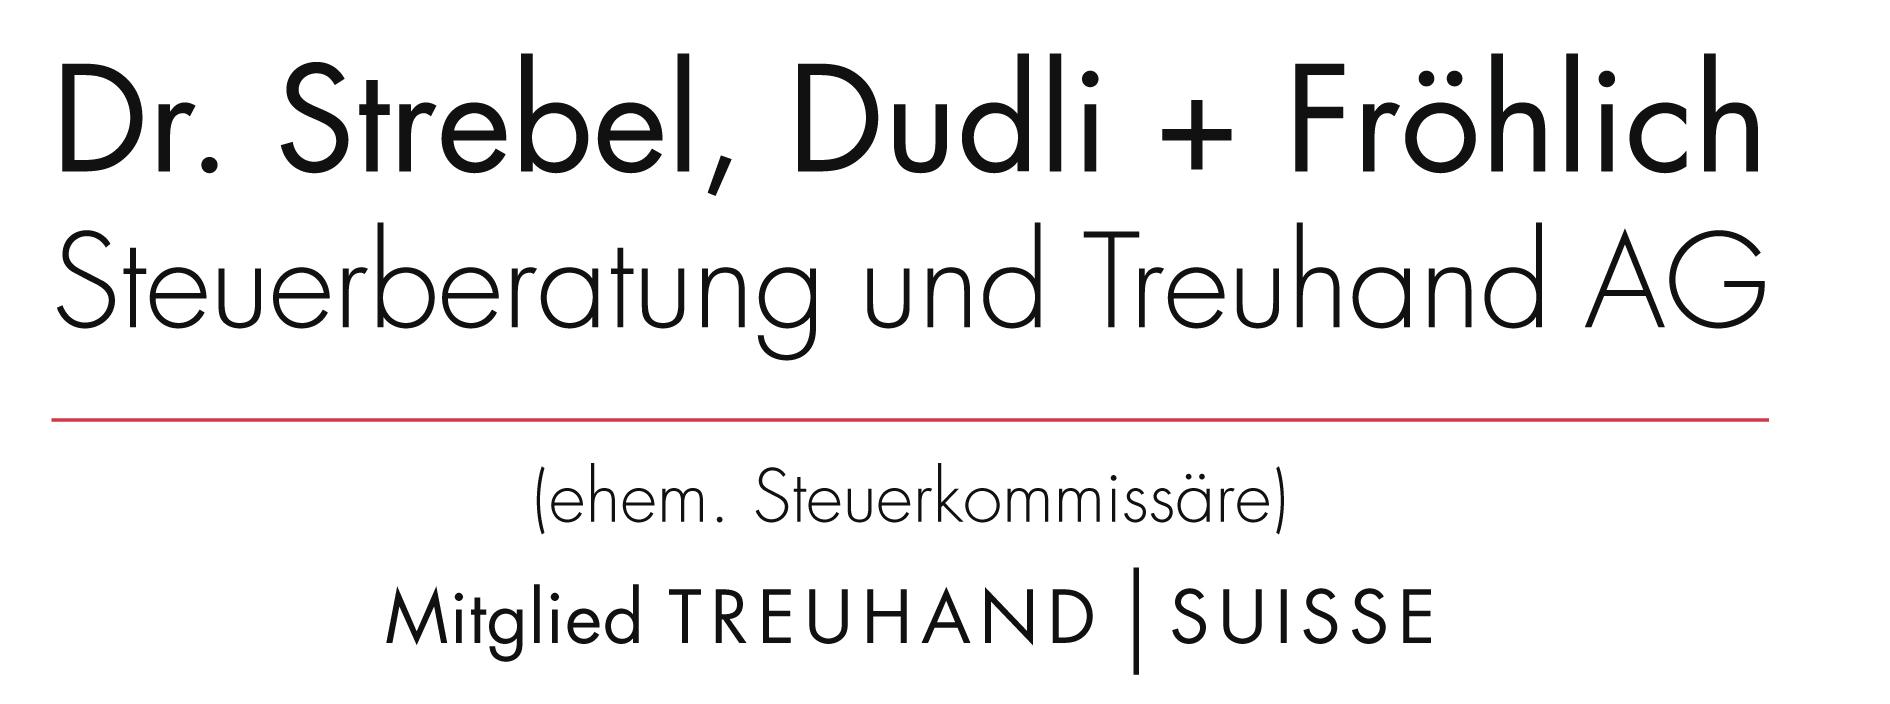 Dr. Strebel, Dudli + Fröhlich Steuerberatung und Treuhand AG